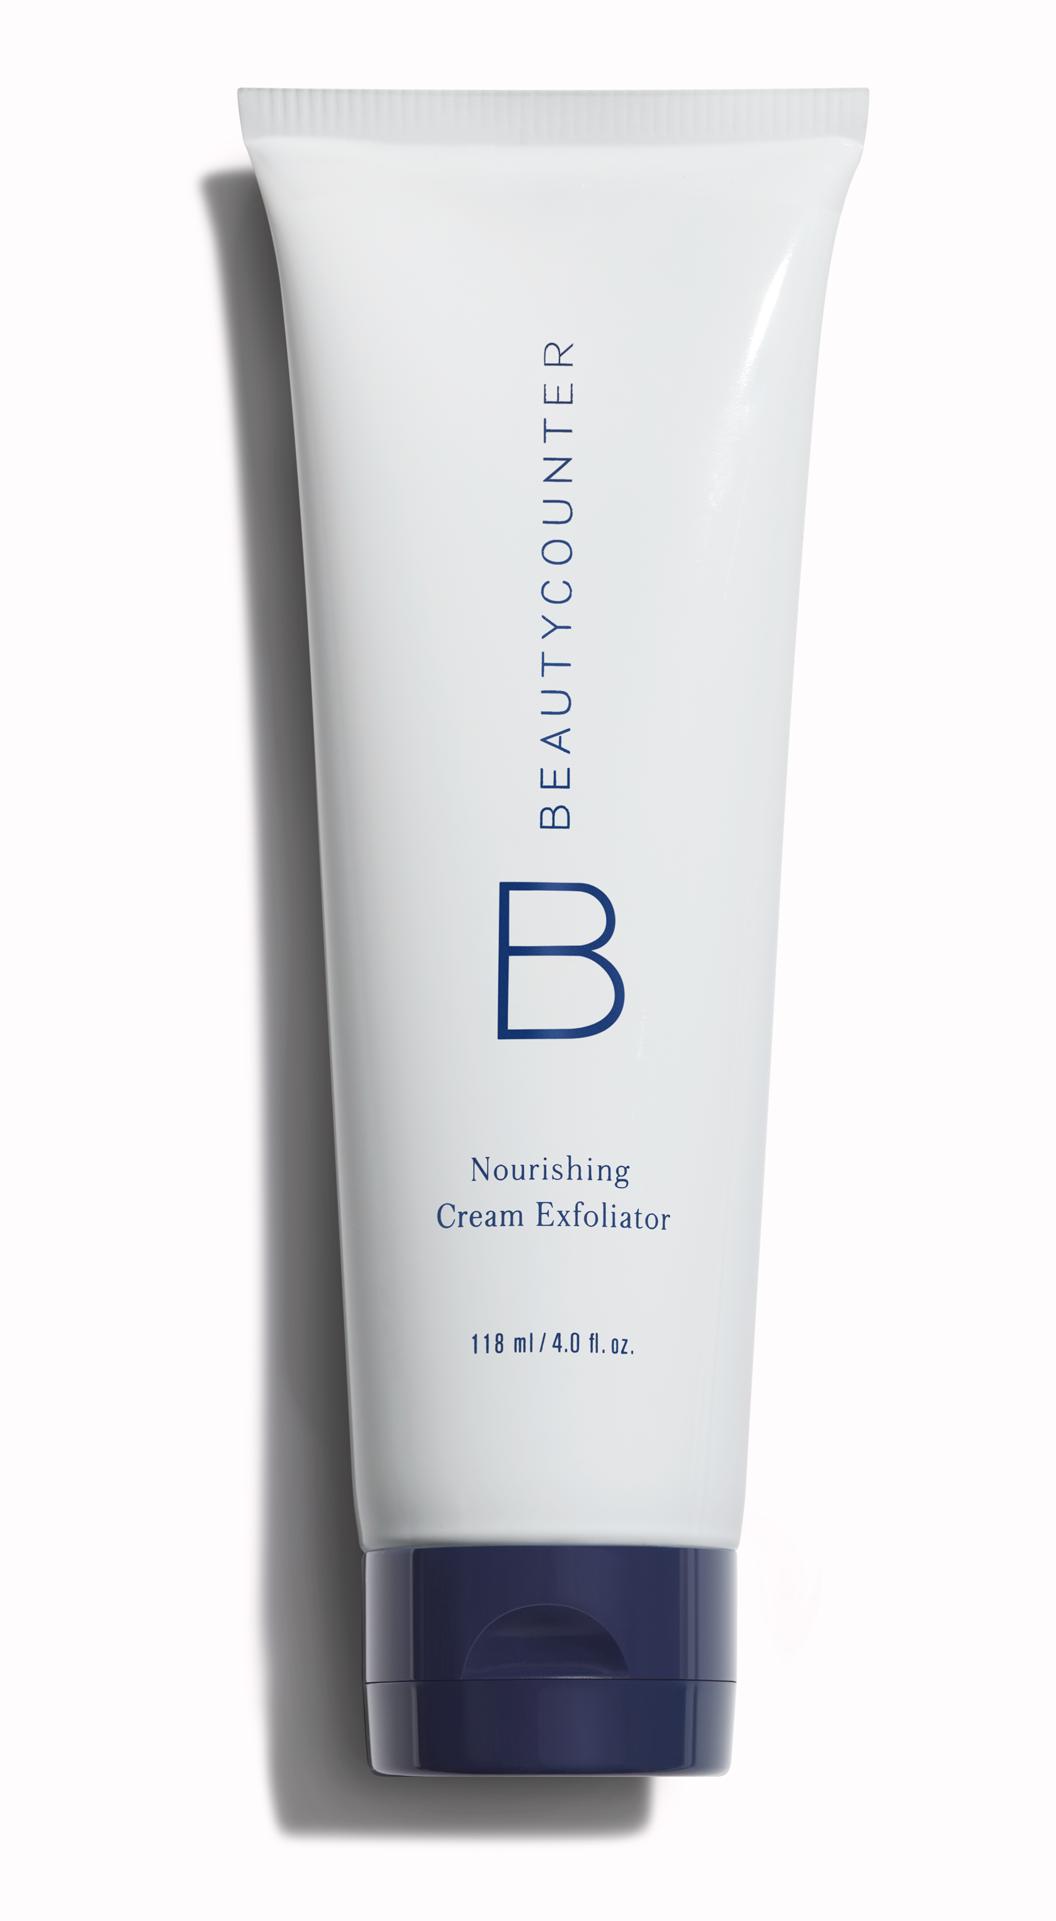 Nourishing Cream Exfoliator Skin Care Beautycounter